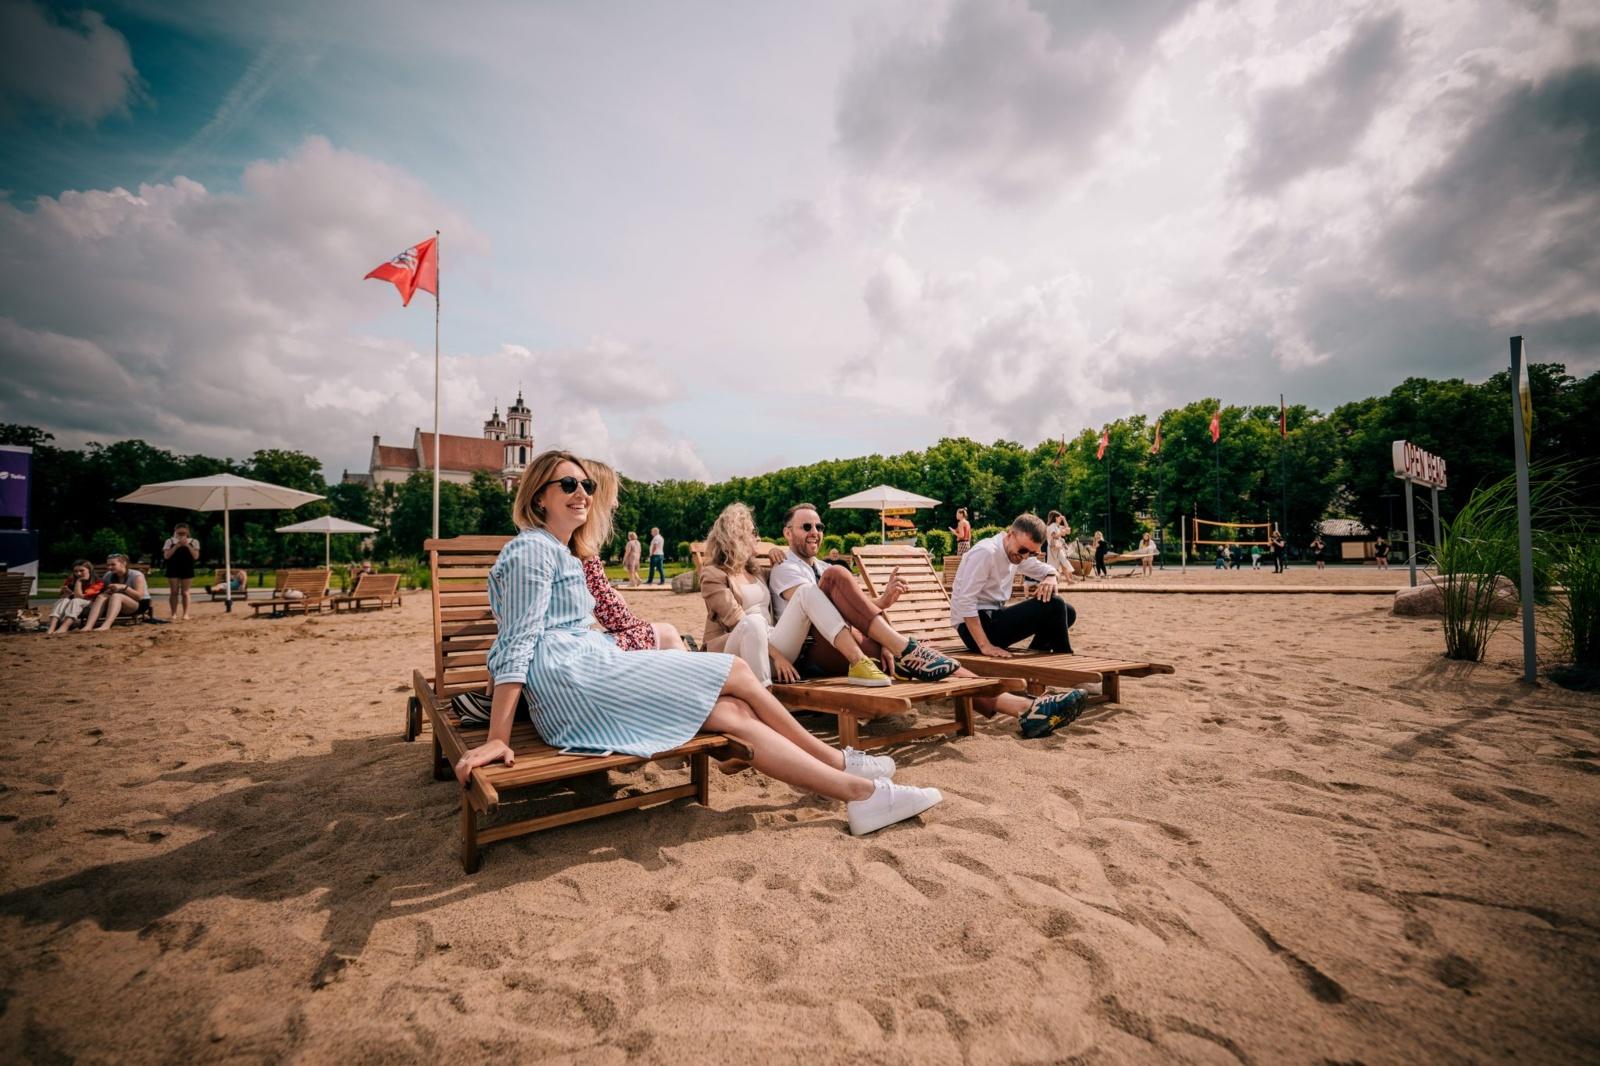 Paplūdimys Lukiškių aikštėje kelia epidemiologinę riziką